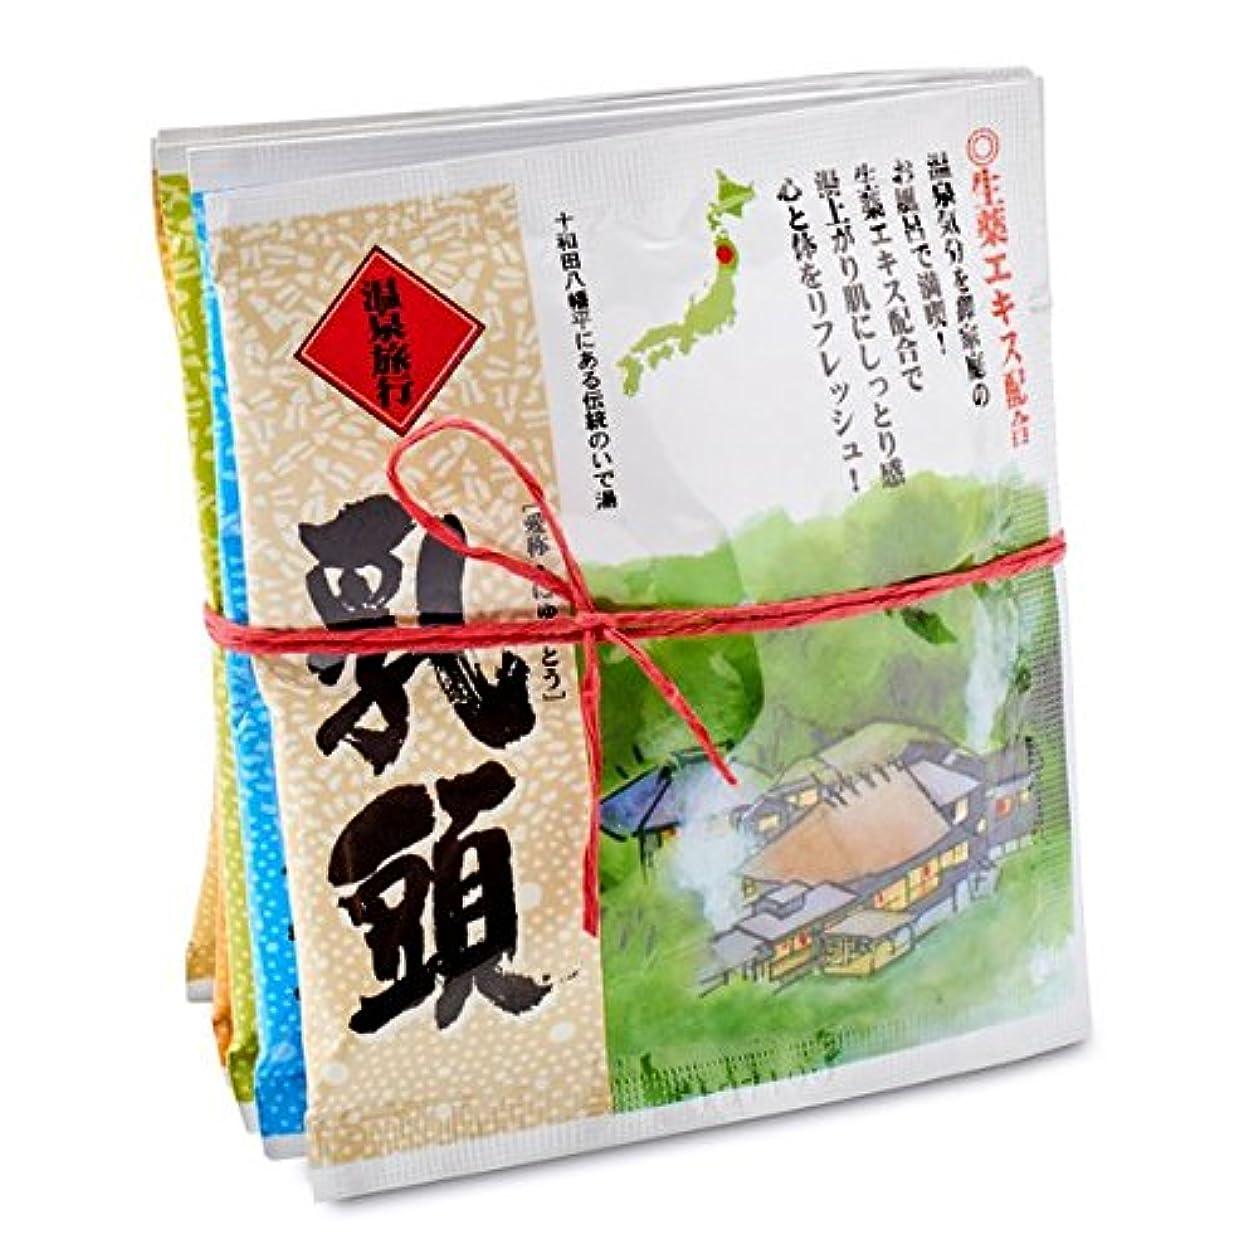 嵐スポーツをするパターン五洲薬品 温泉旅行 乳頭 25g 4987332128304